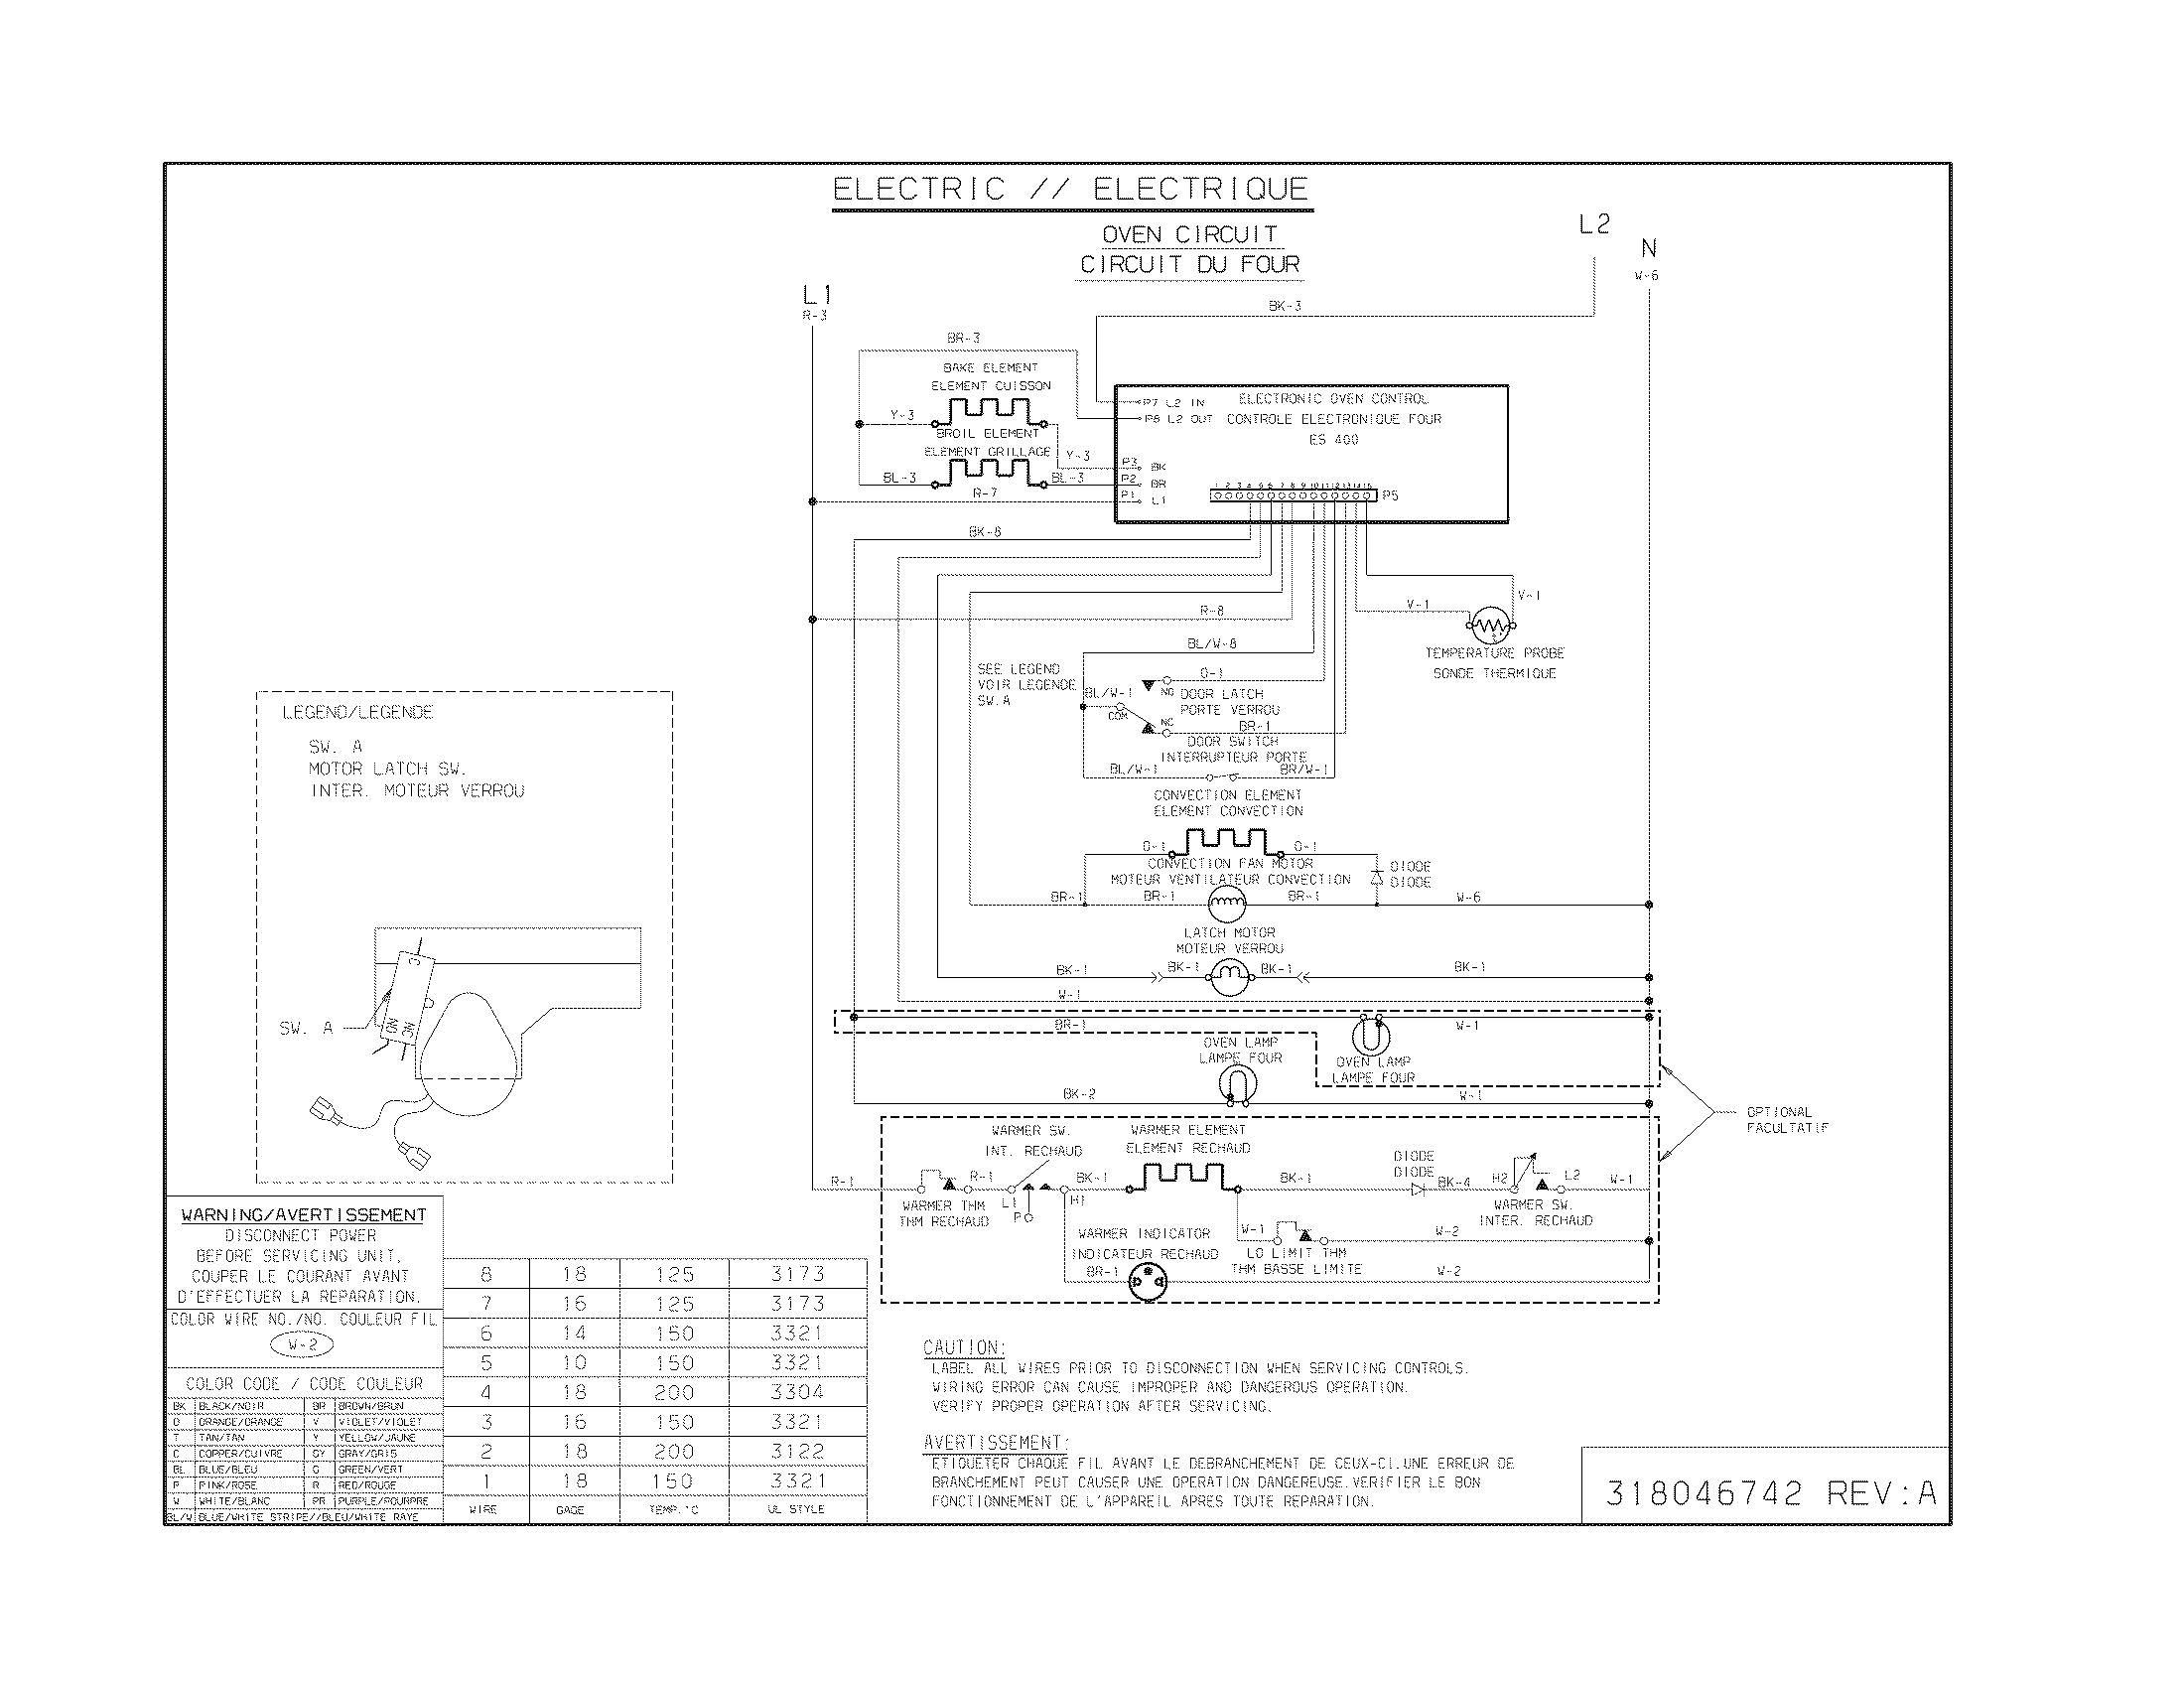 Wiring Diagram For Frigidaire Dryer Door Switch